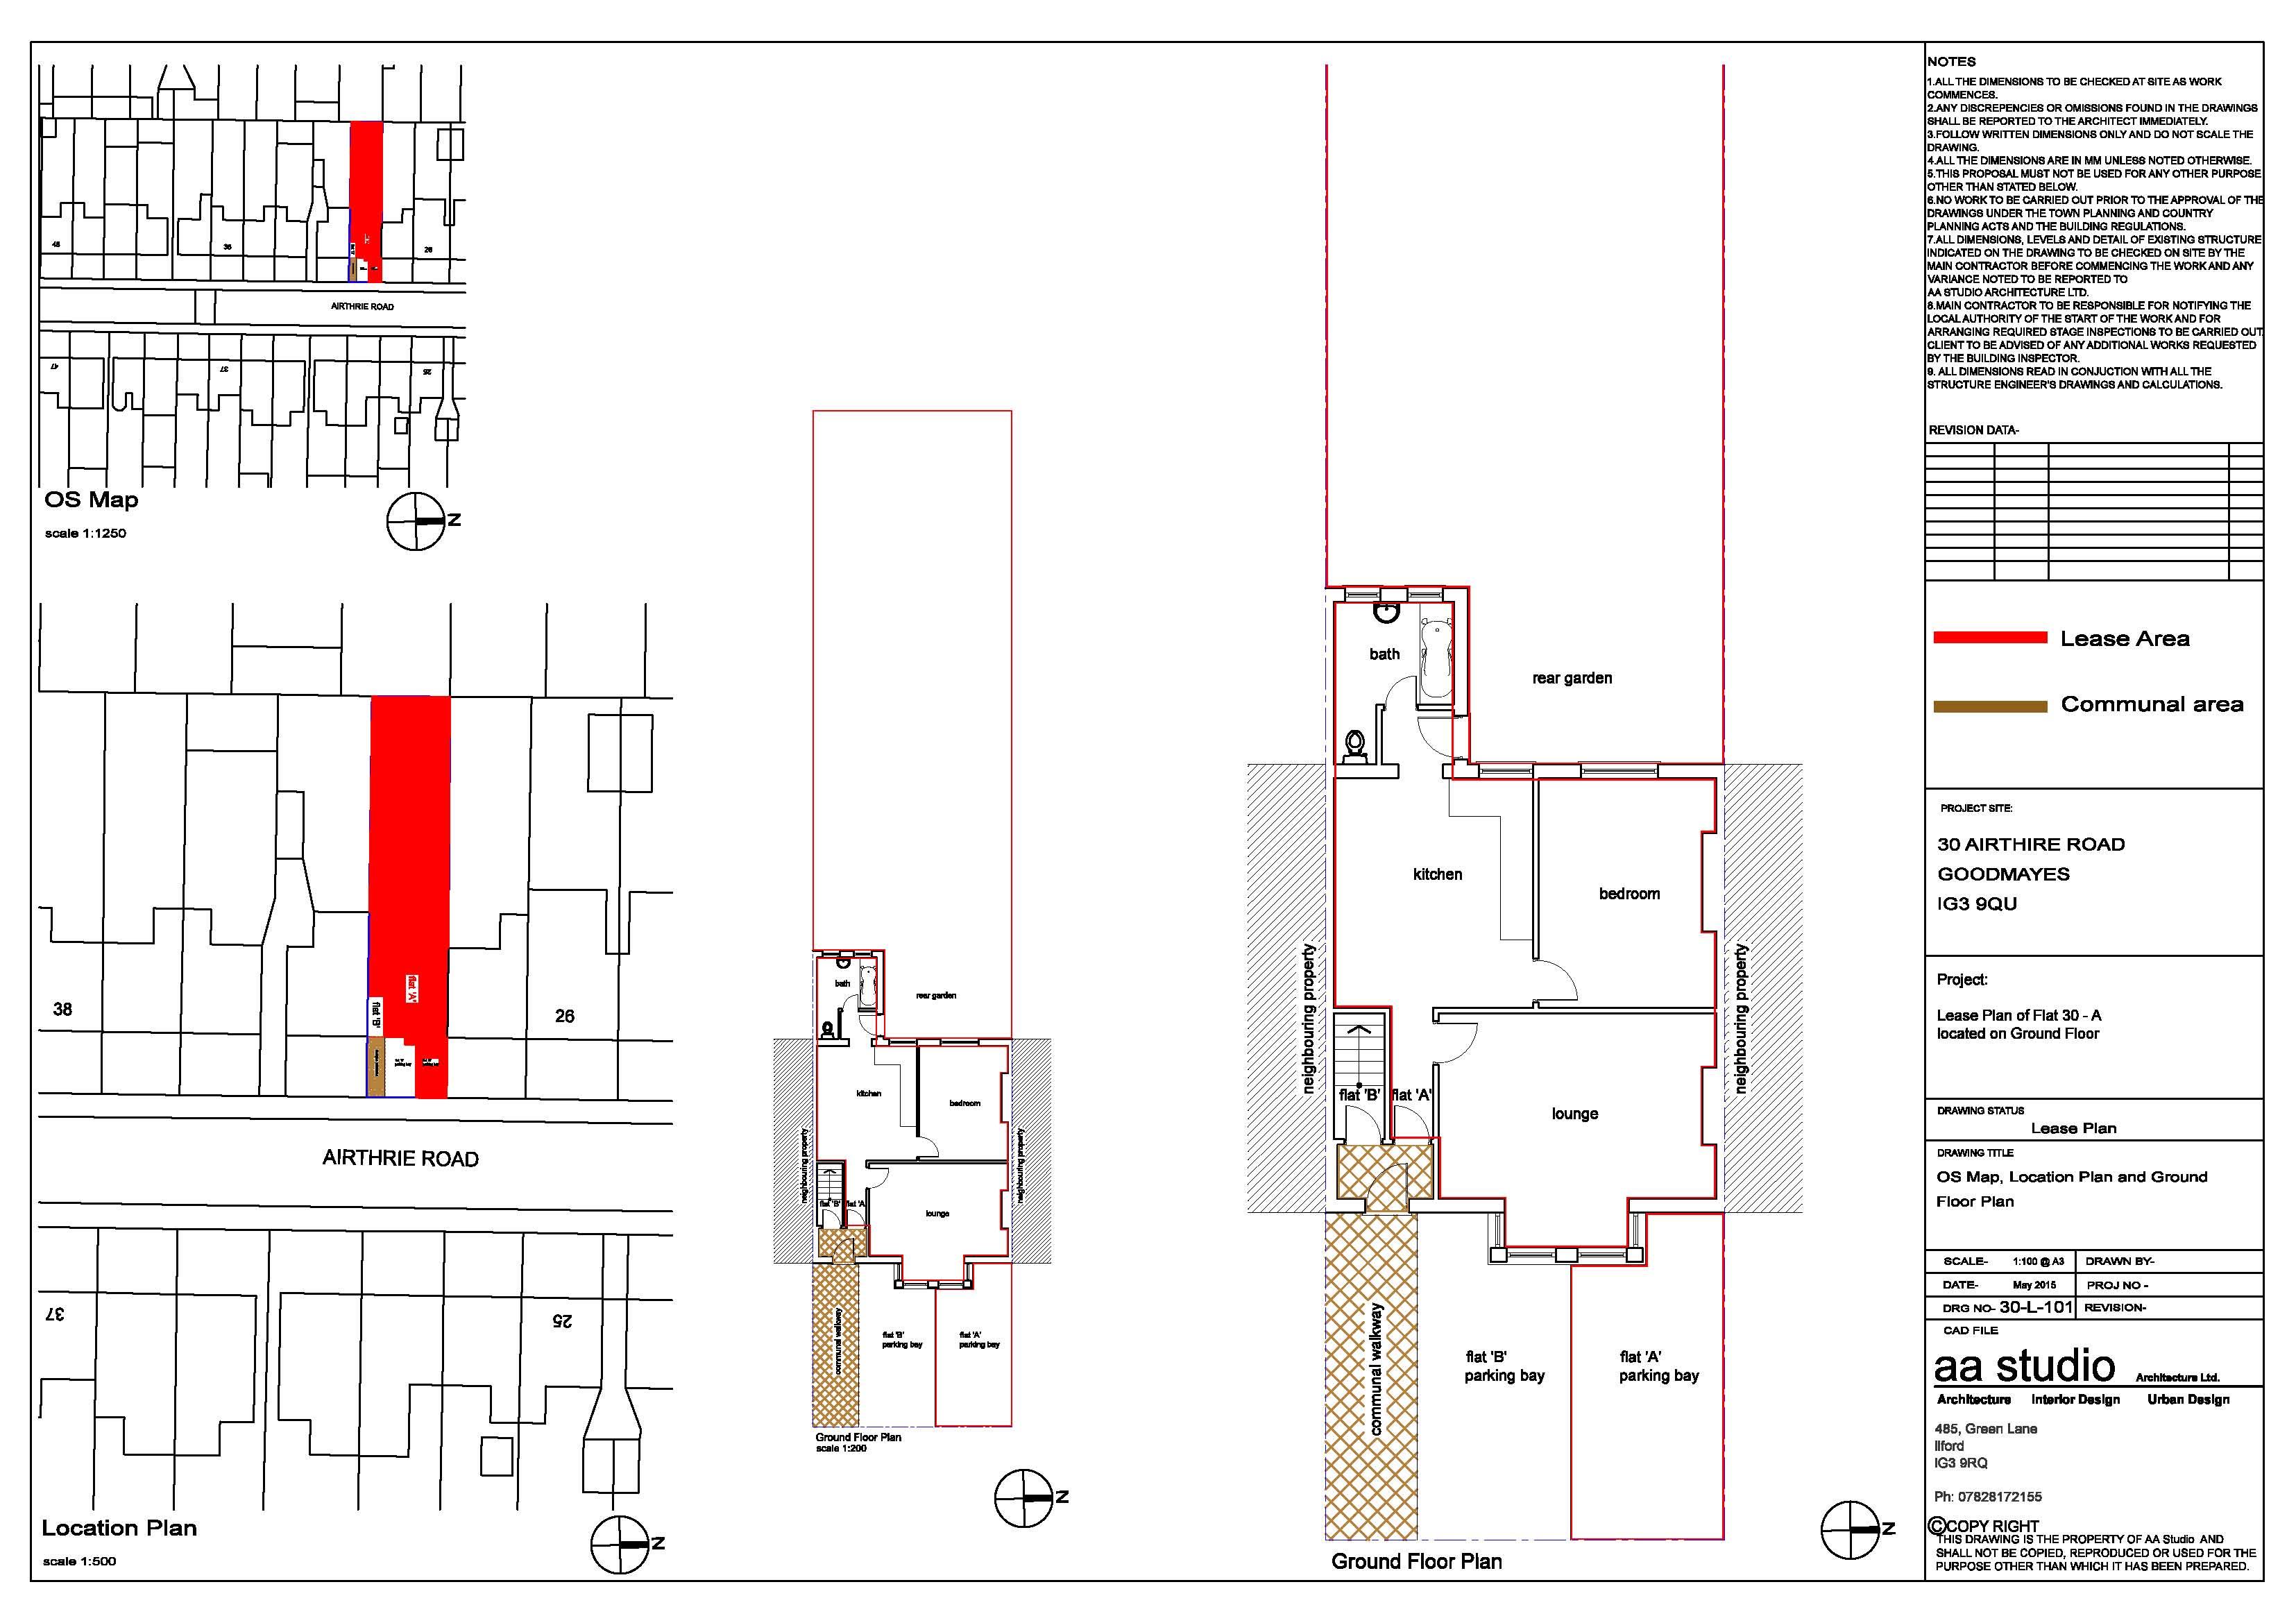 lease plan design lease plan drawing land registry. Black Bedroom Furniture Sets. Home Design Ideas